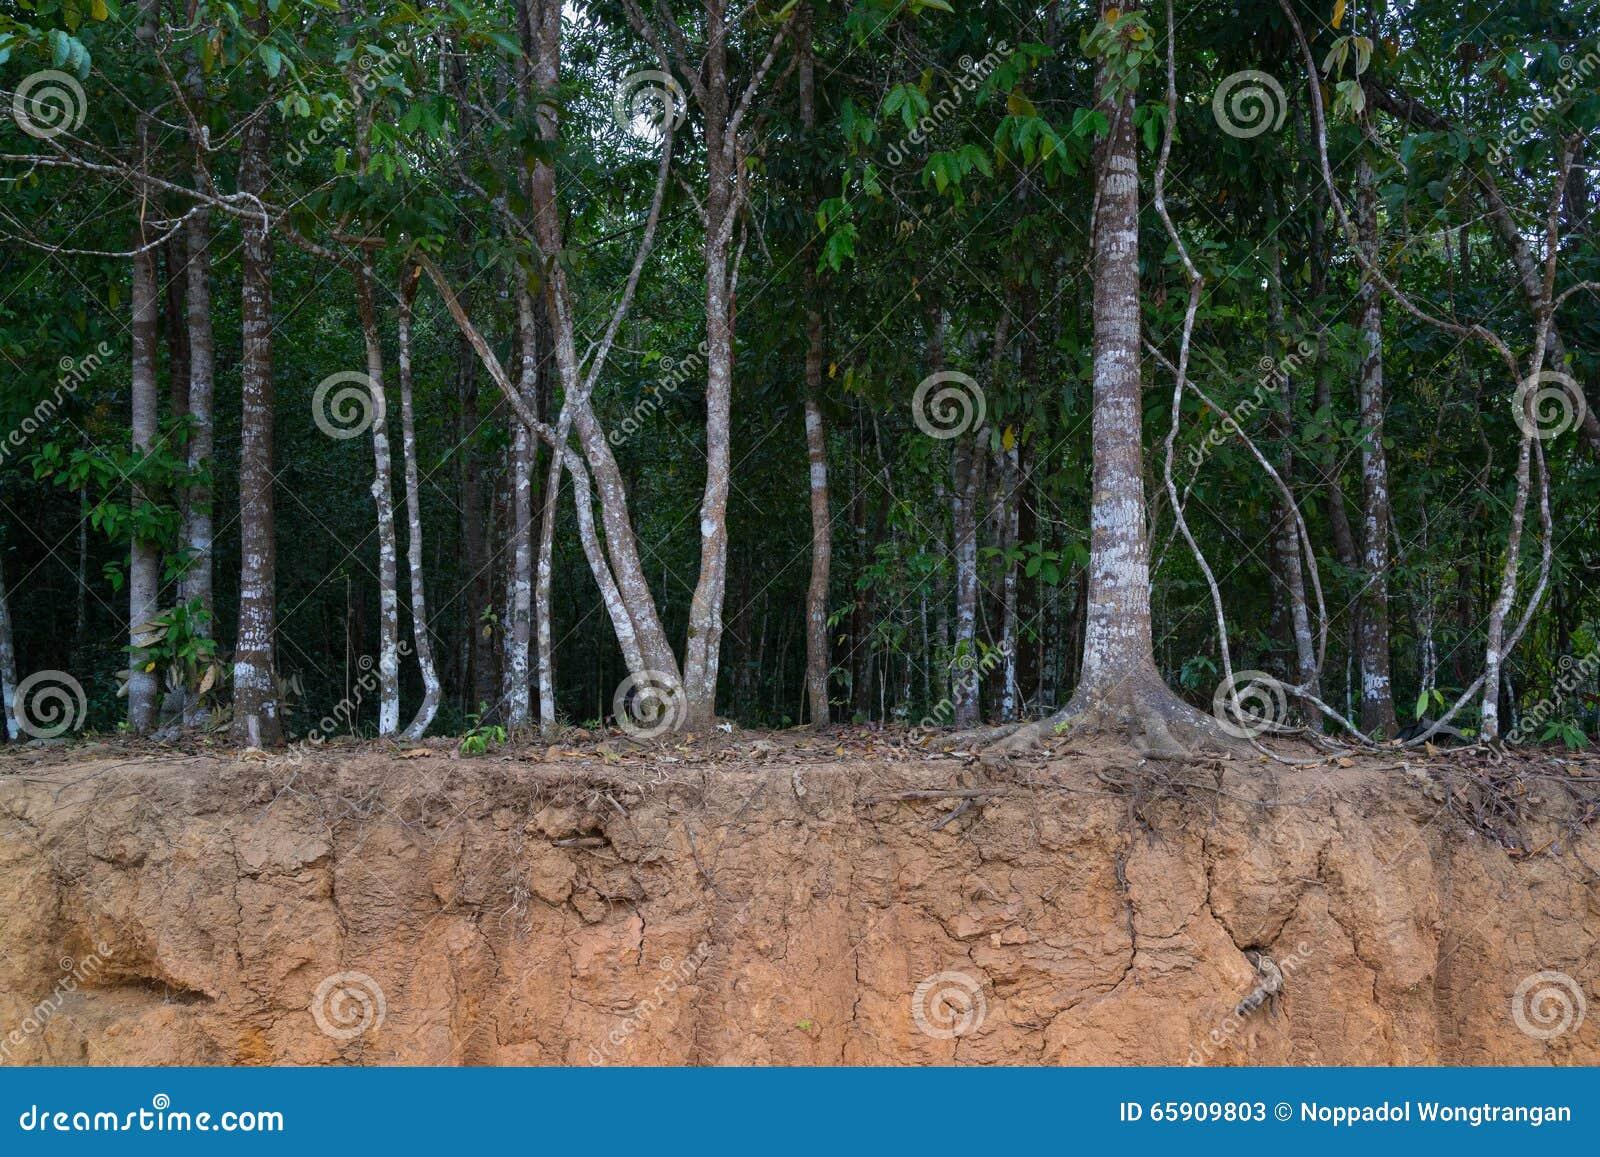 Δέντρα στο μικρό απότομο βράχο που παρουσιάζει ρίζες τους